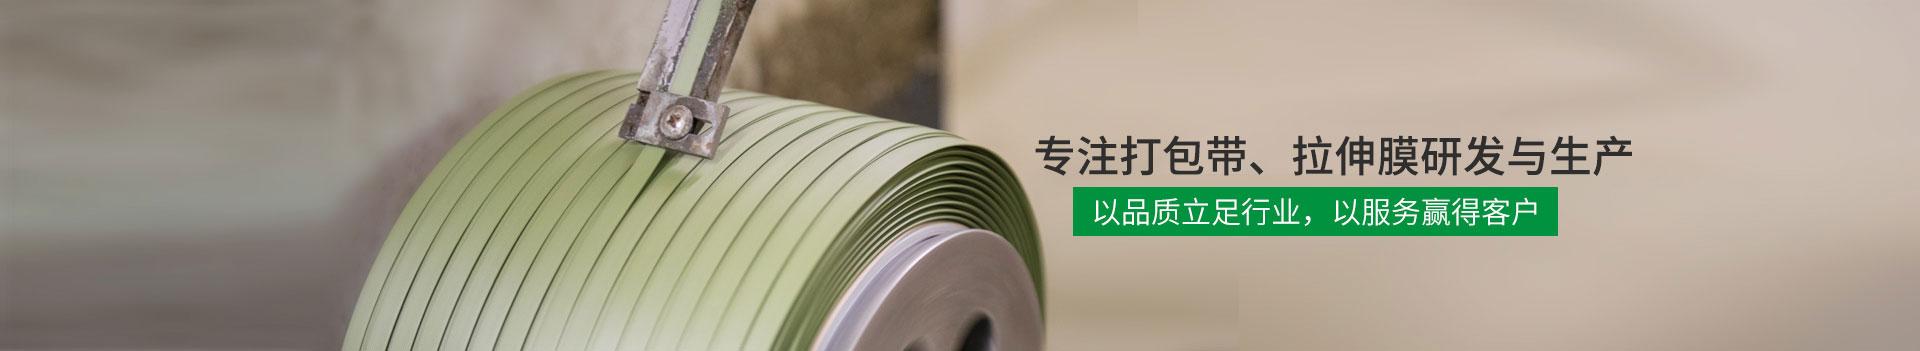 沐鸣2注册-包装材料平台